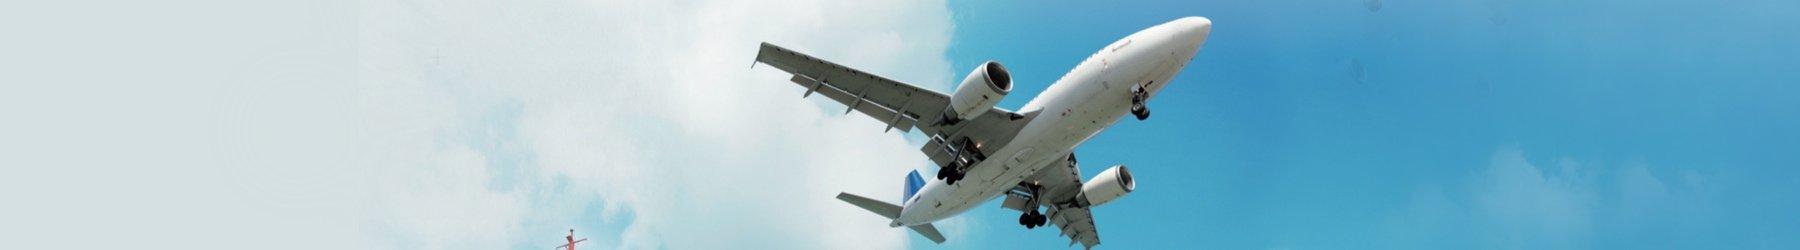 Déménagement international par voie aérienne, maritime ou routière